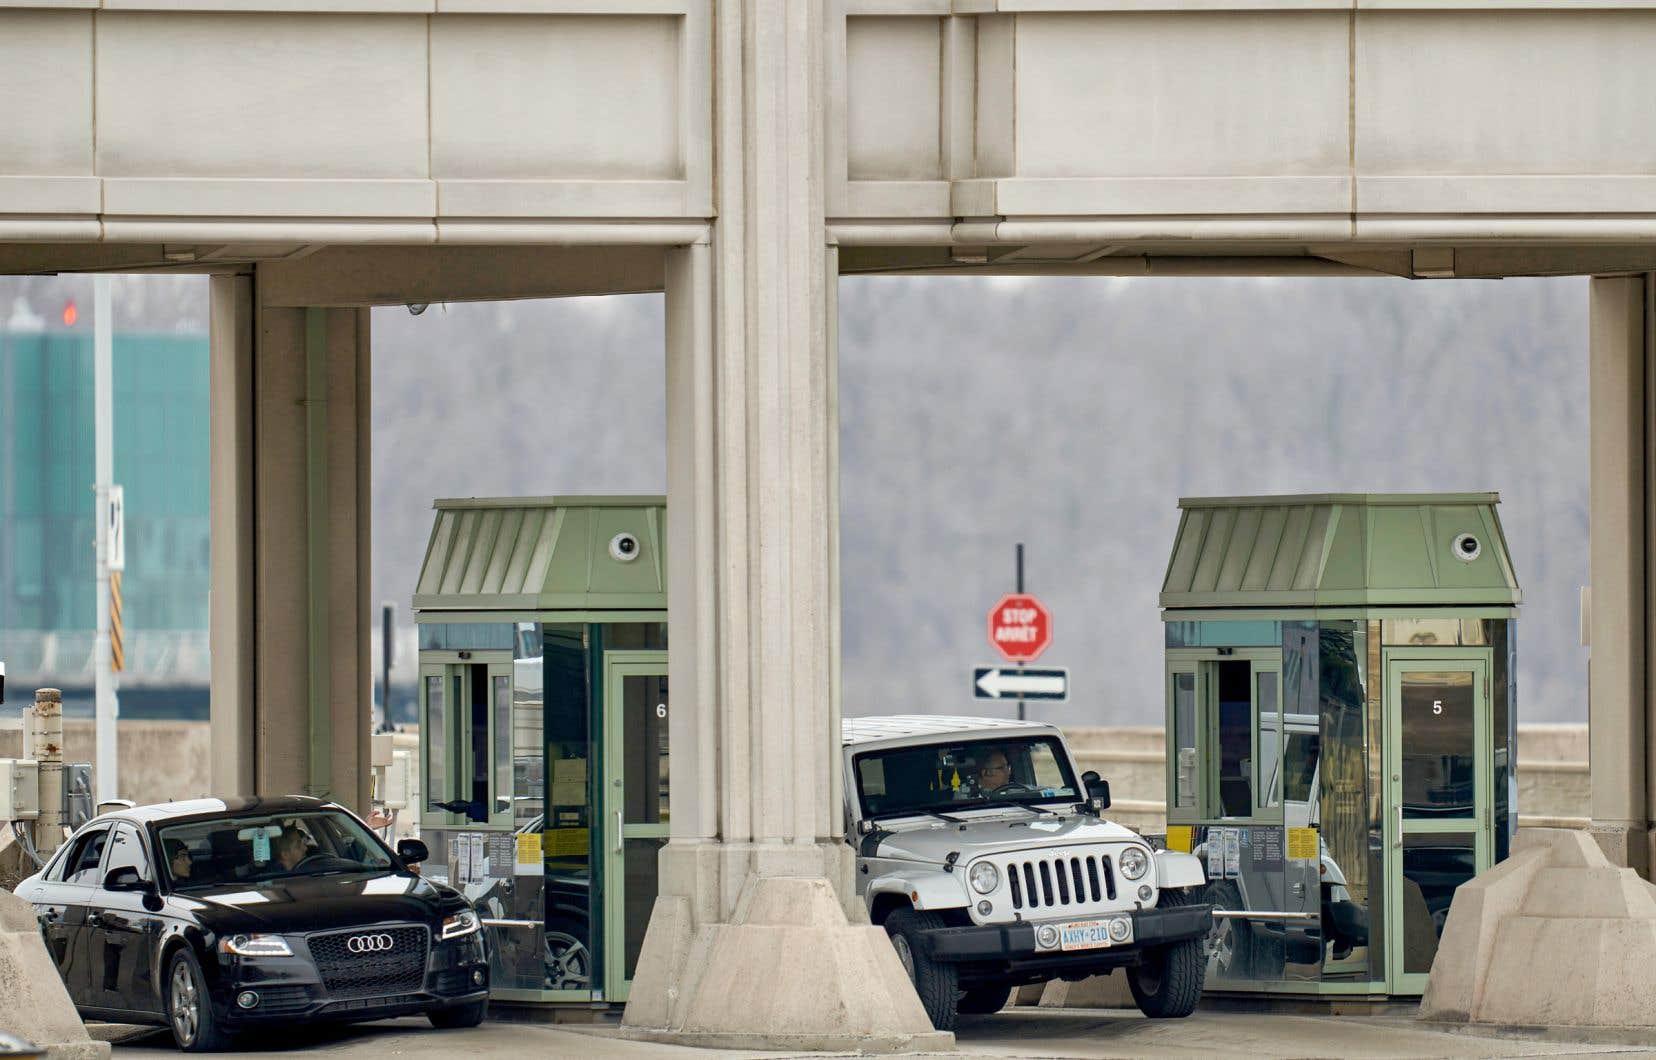 Le poste douanier de Niagara Falls, en Ontario, le 18 mars 2020. La fermeture de la plus longue frontière terrestre du monde est prolongée depuis cette date.